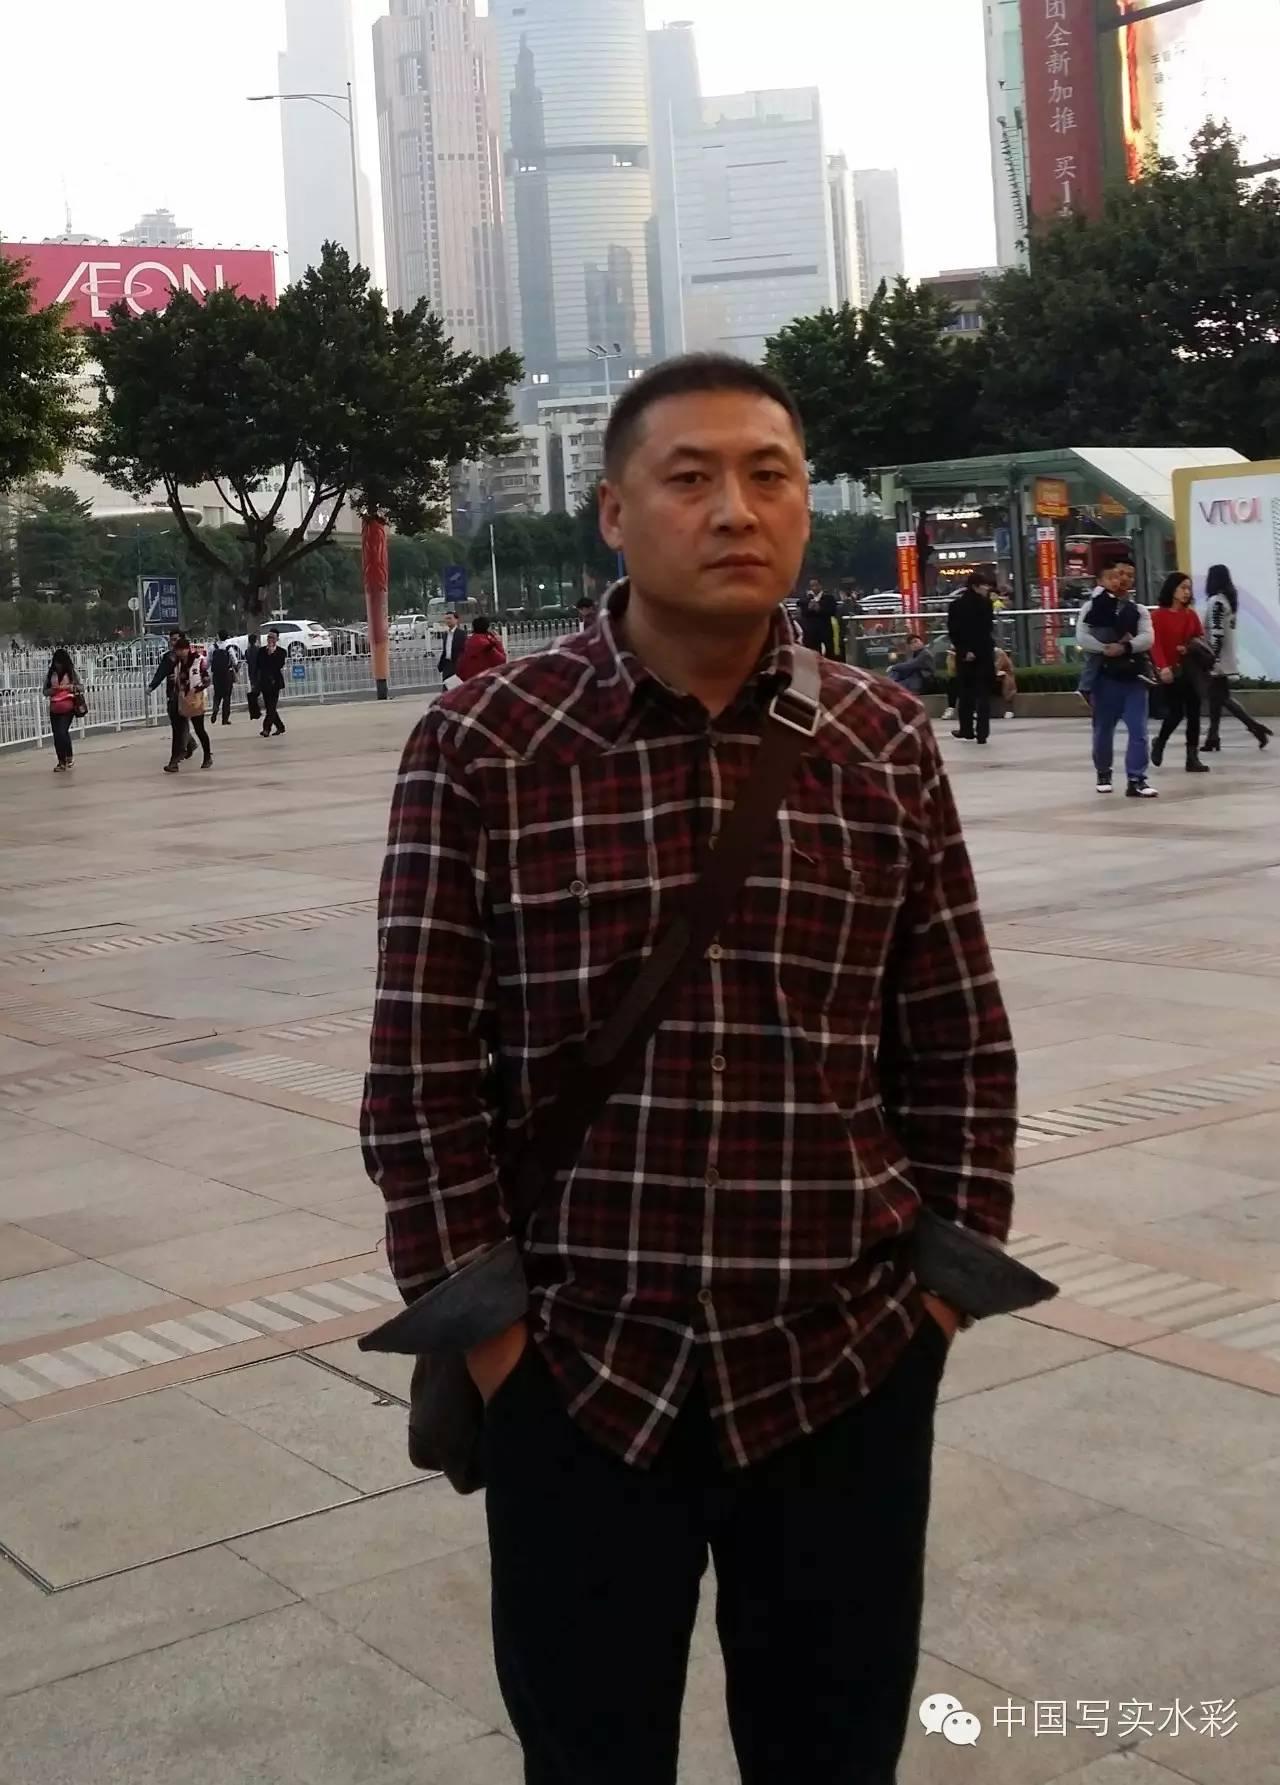 中国写实水彩第一回展——参展画家长海作品欣赏 第1张